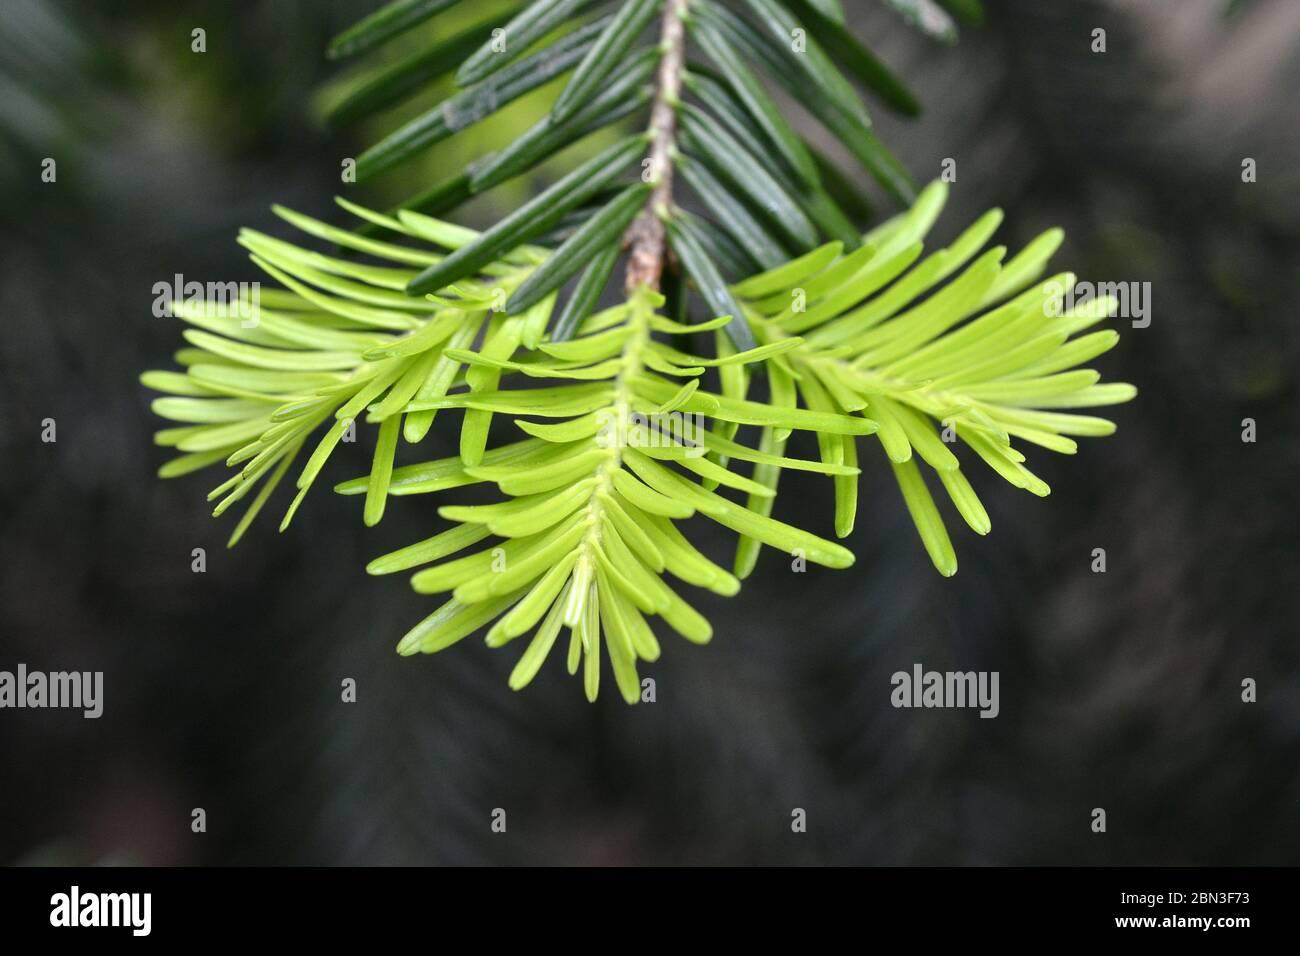 coníferas ramas de árboles, brotes. Brotes verdes jóvenes coníferas agujas de ramas de árboles. Brotes de ramas de árboles de coníferas de crecimiento fresco . Foto de stock